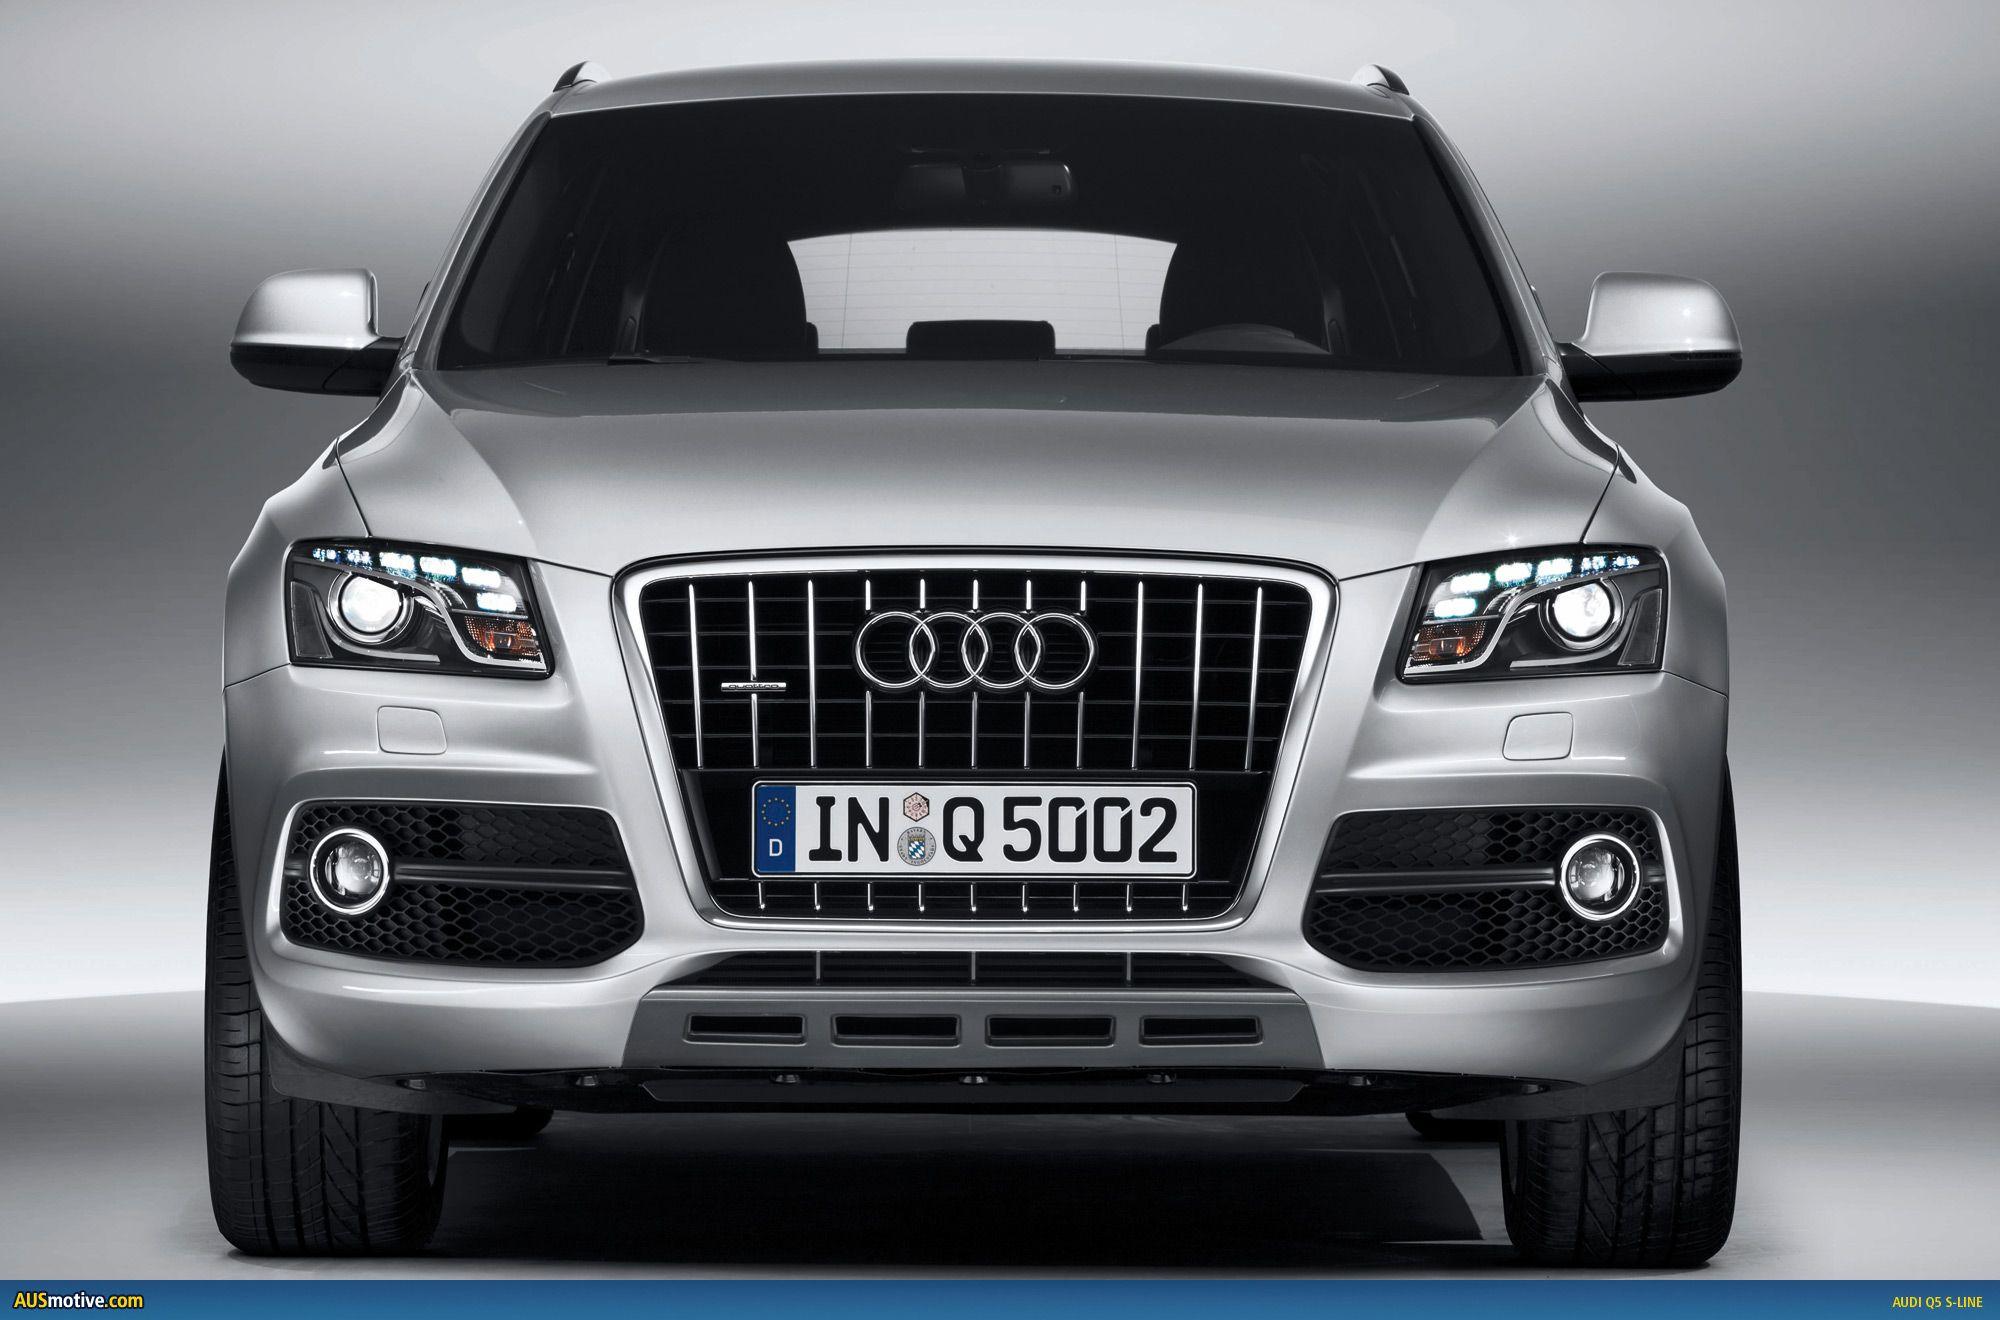 Audi Audi Q5 Reviews 2009 Audi Q5 Audi Body Kit